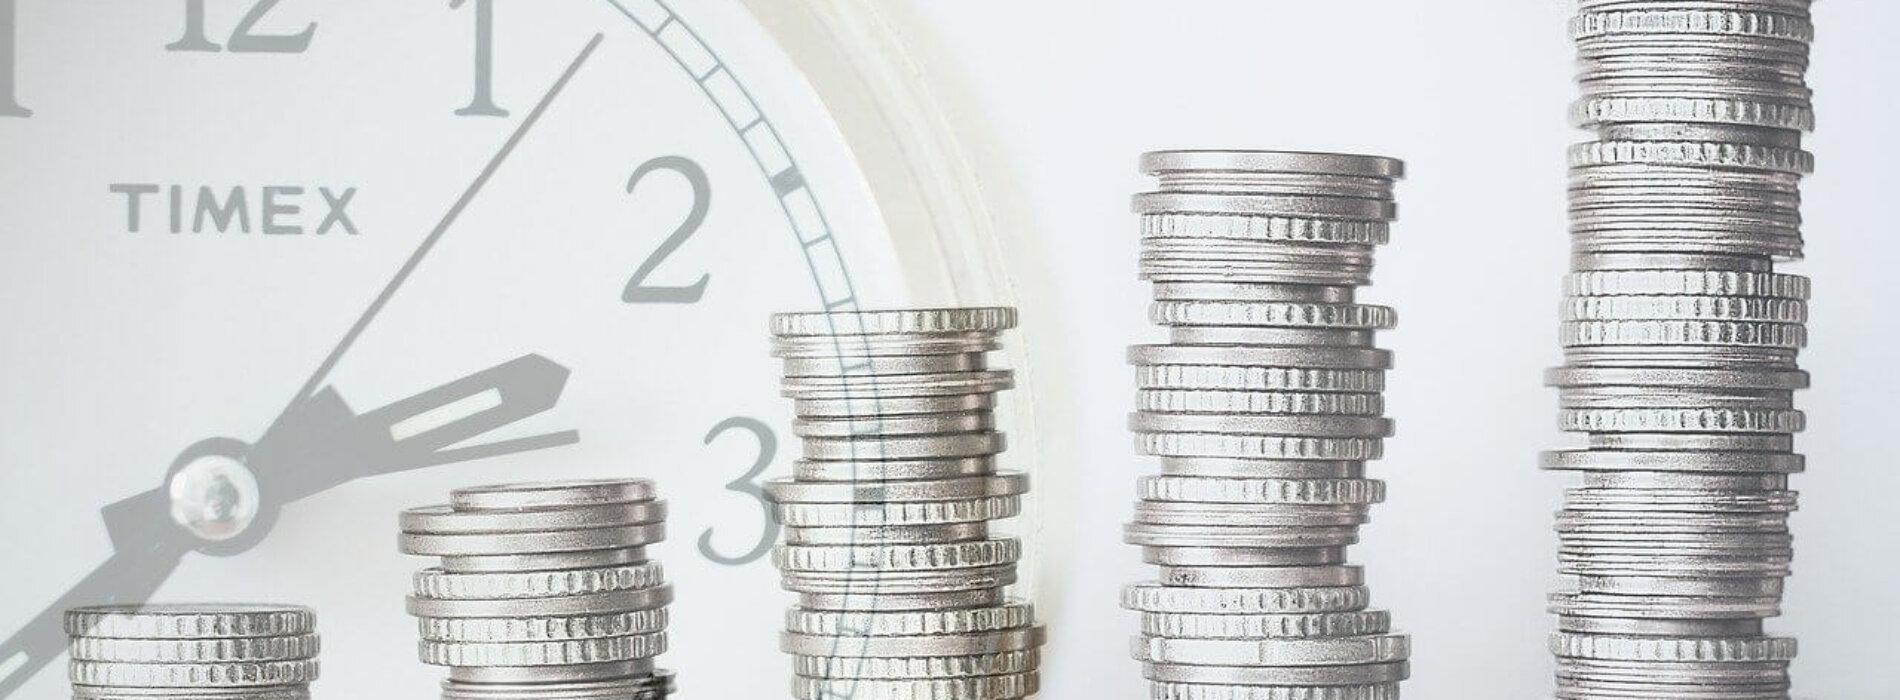 Samorządy nie chcą płacić za Polski Ład. W ciągu 10 lat stracą na nim 145 mld zł, a budżet państwa 65 mld zł